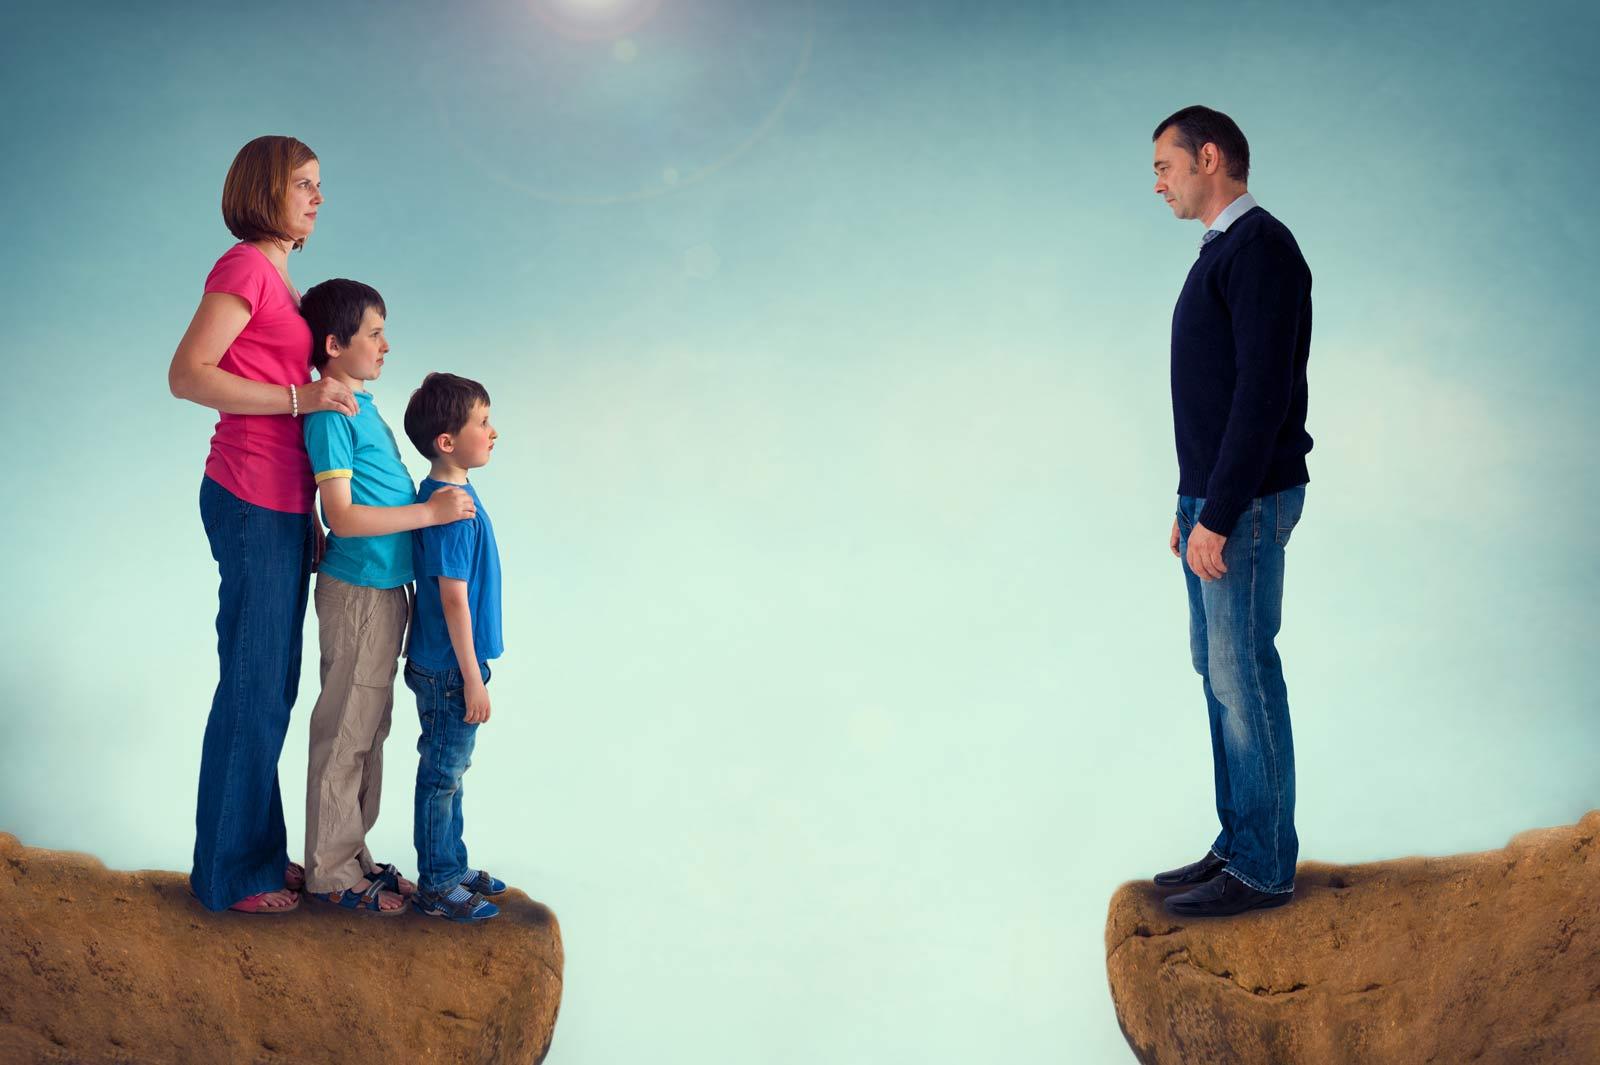 pension hijos manutencion